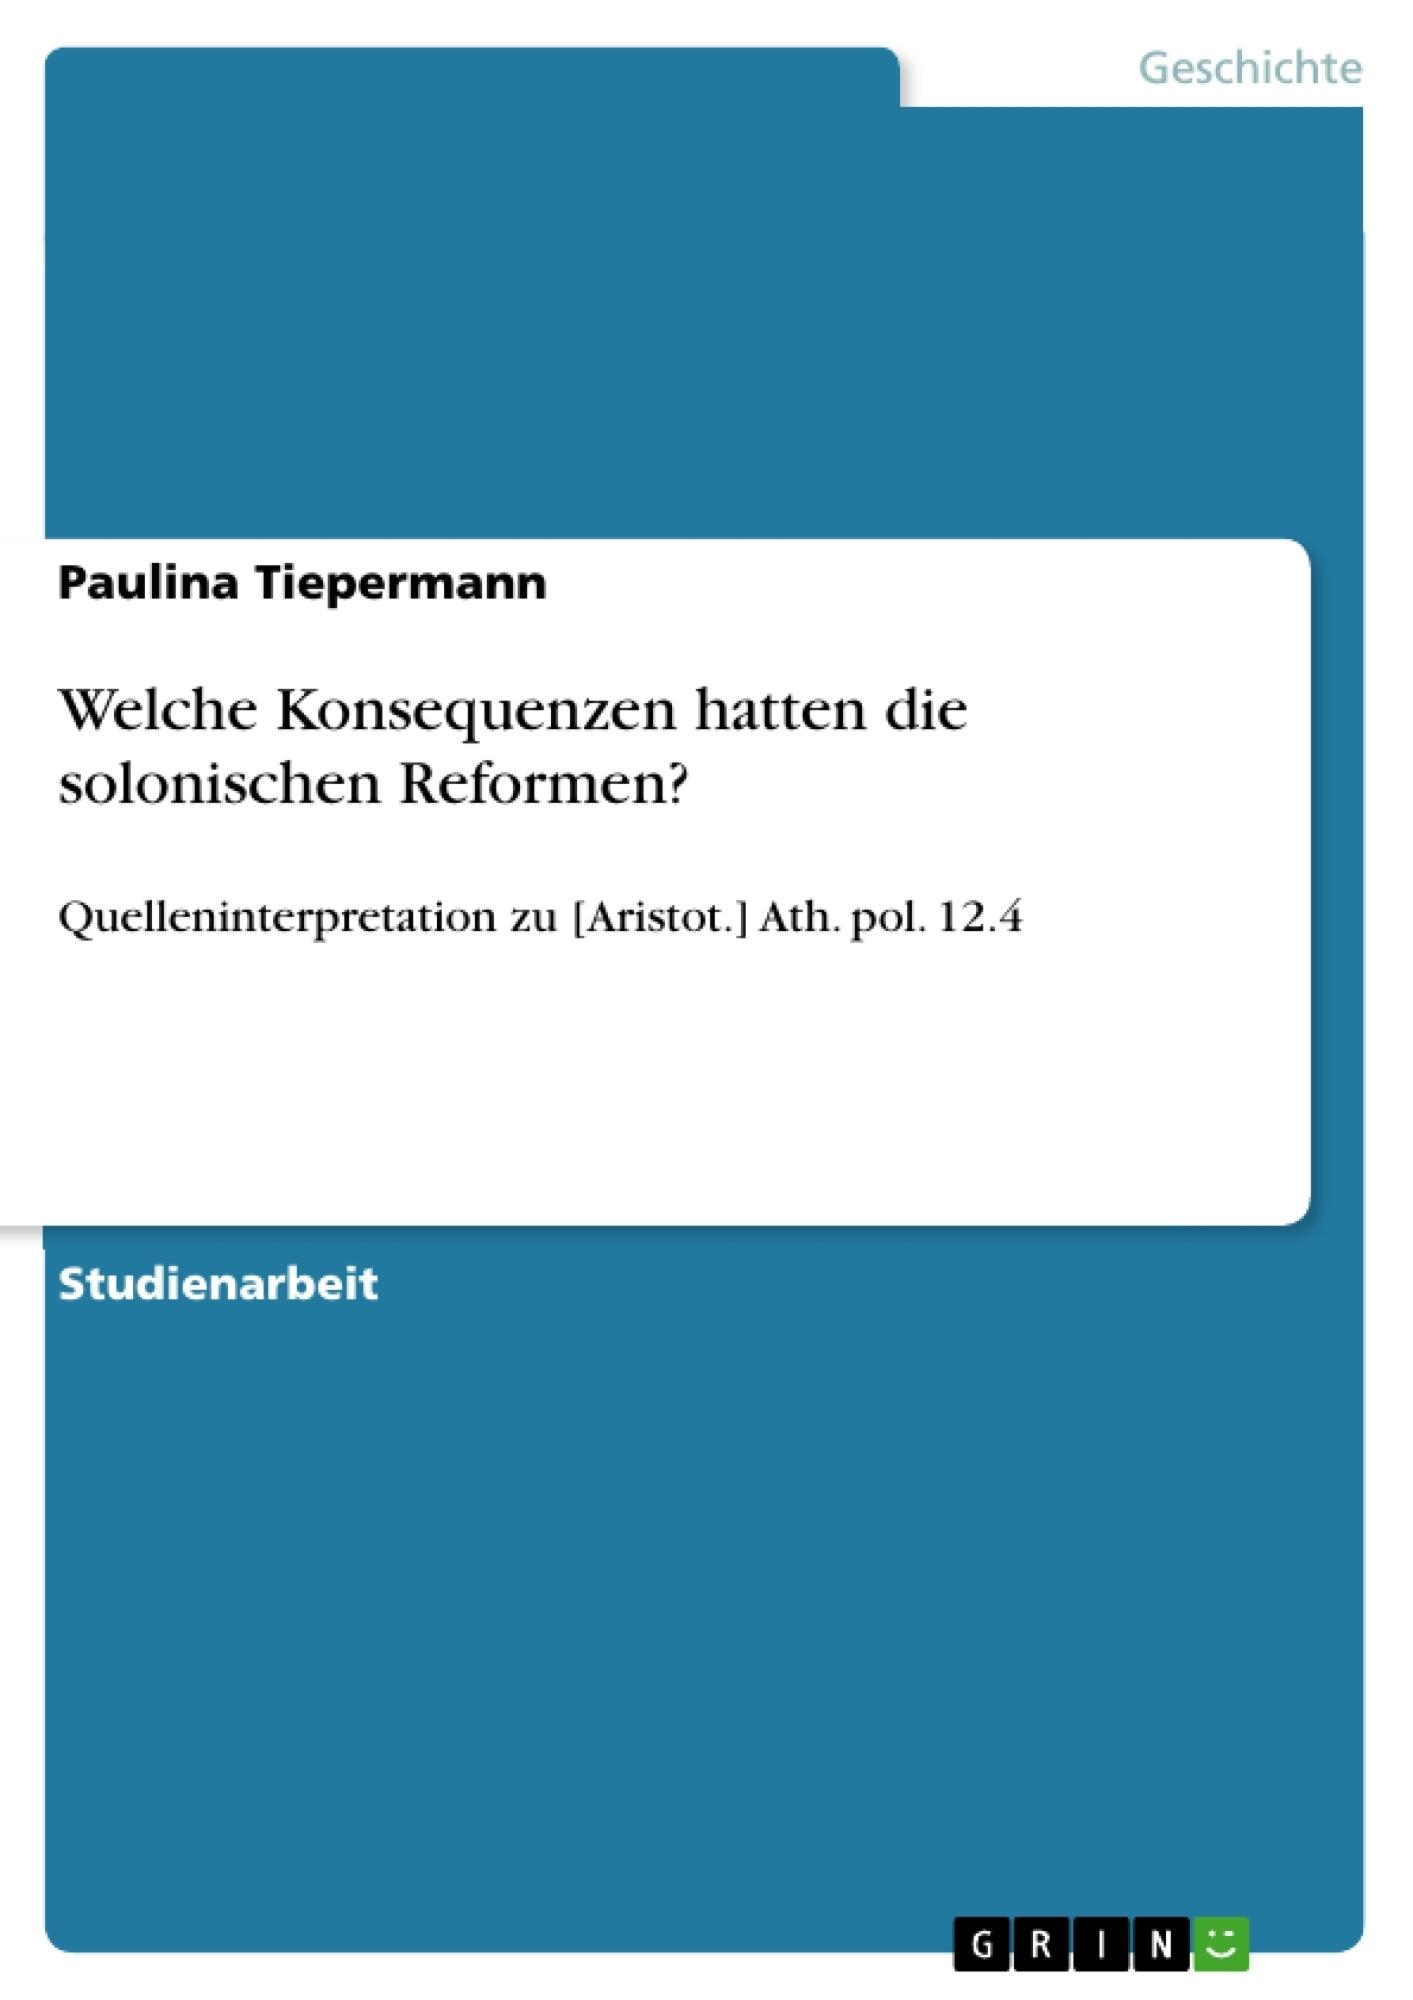 Titel: Welche Konsequenzen hatten die solonischen Reformen?